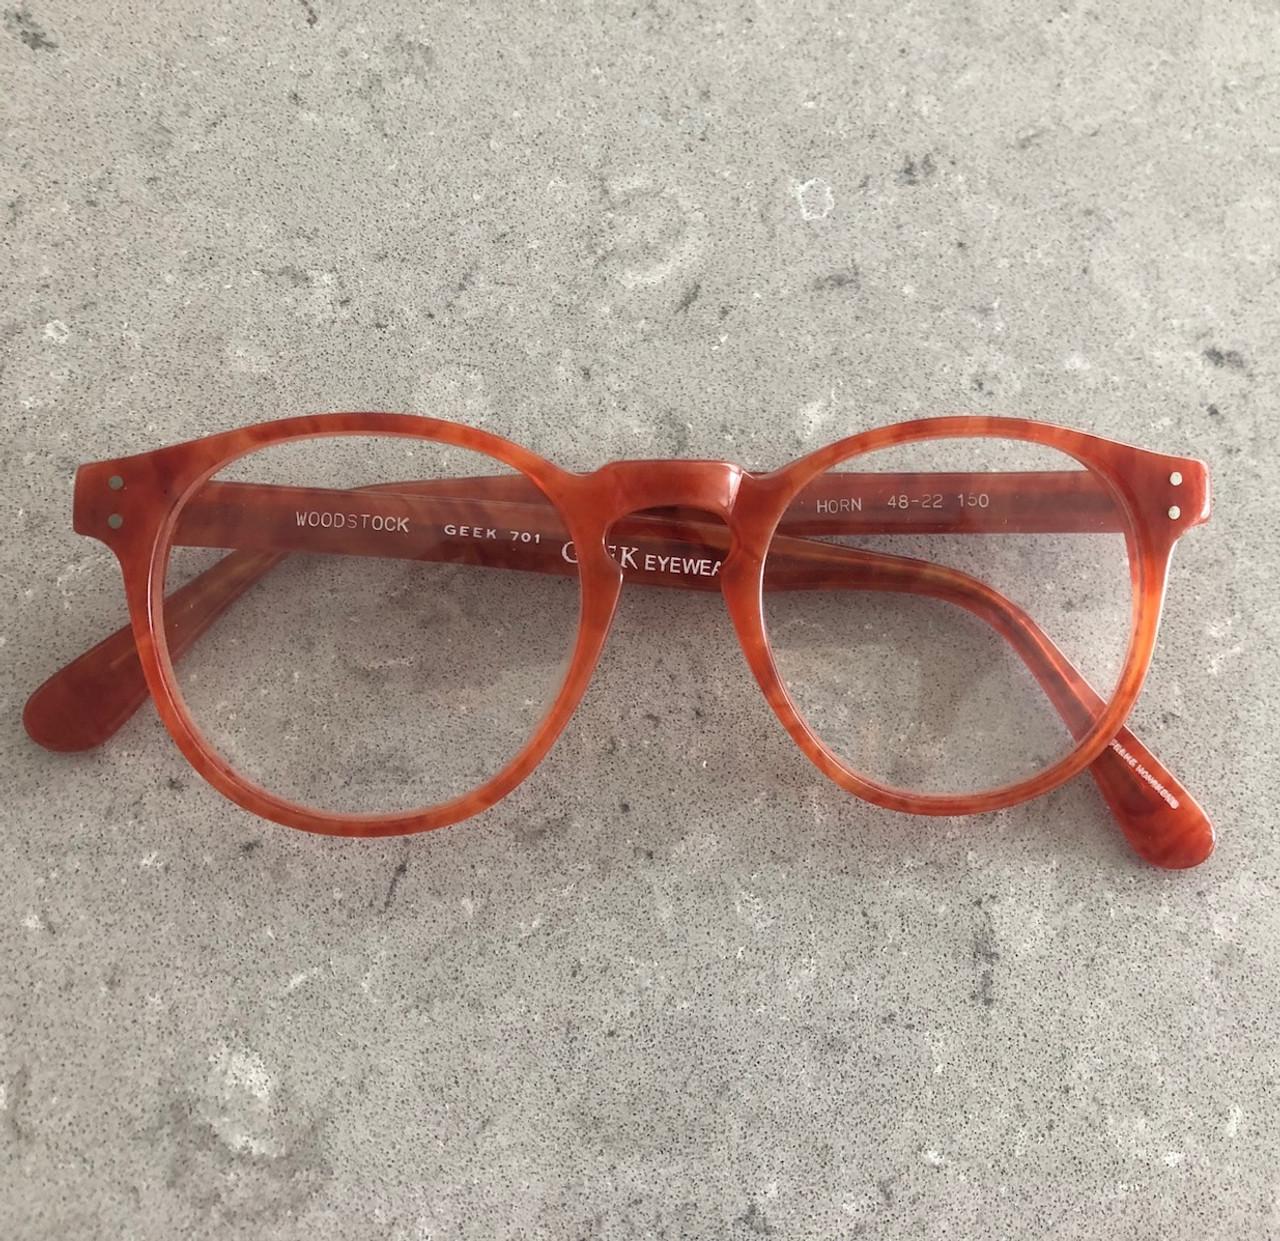 Geek Eyewear Style 701